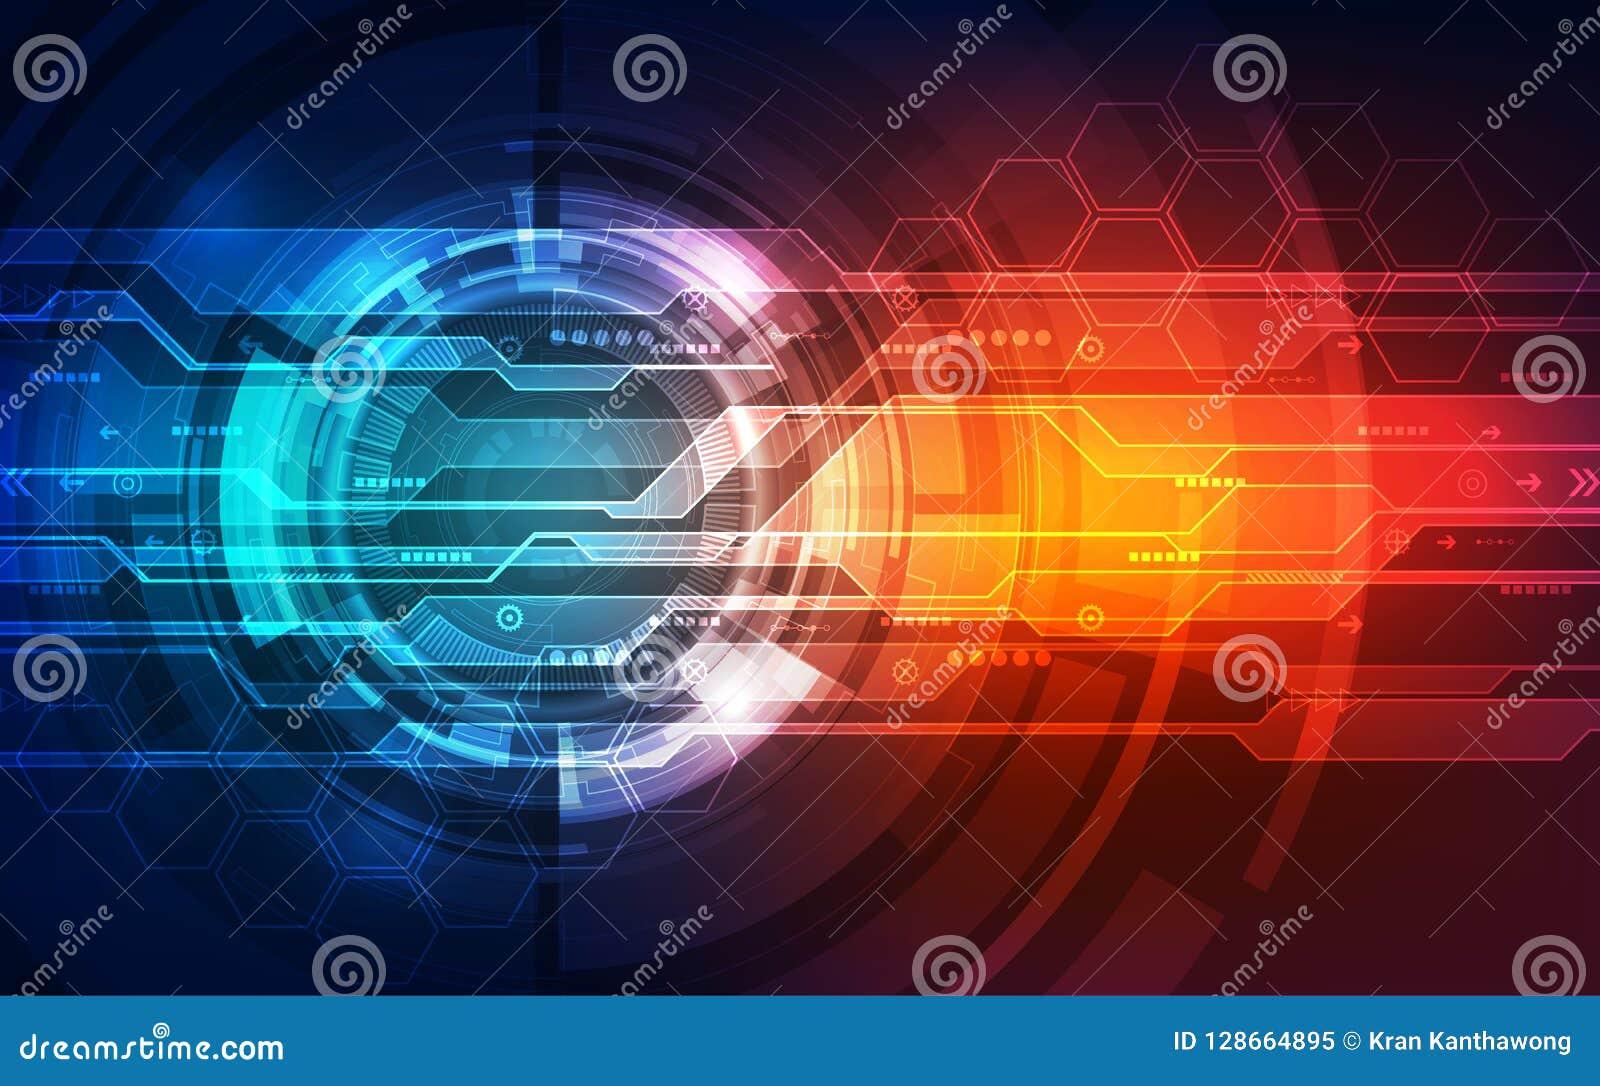 För hastighetsteknologi för vektor framtida digitalt begrepp, abstrakt bakgrundsillustration